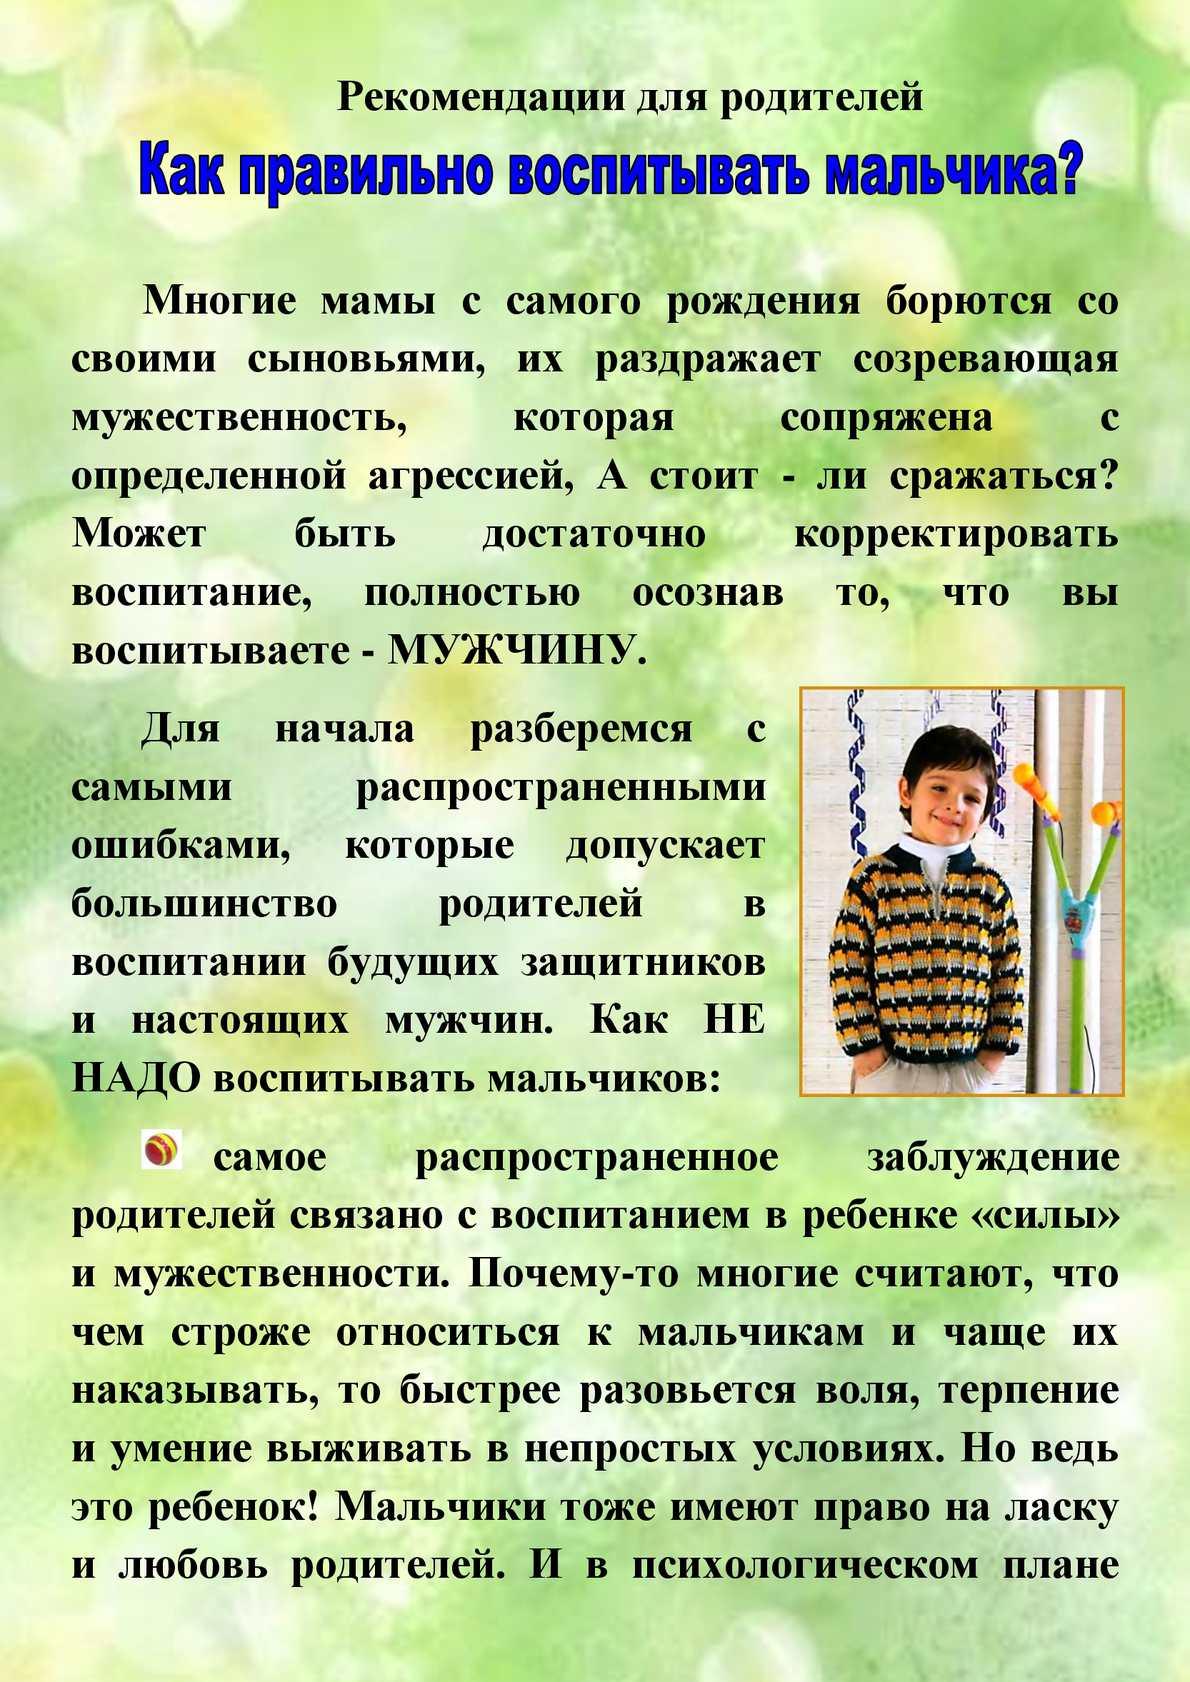 Воспитание мальчика 7-9 лет - советы психолога